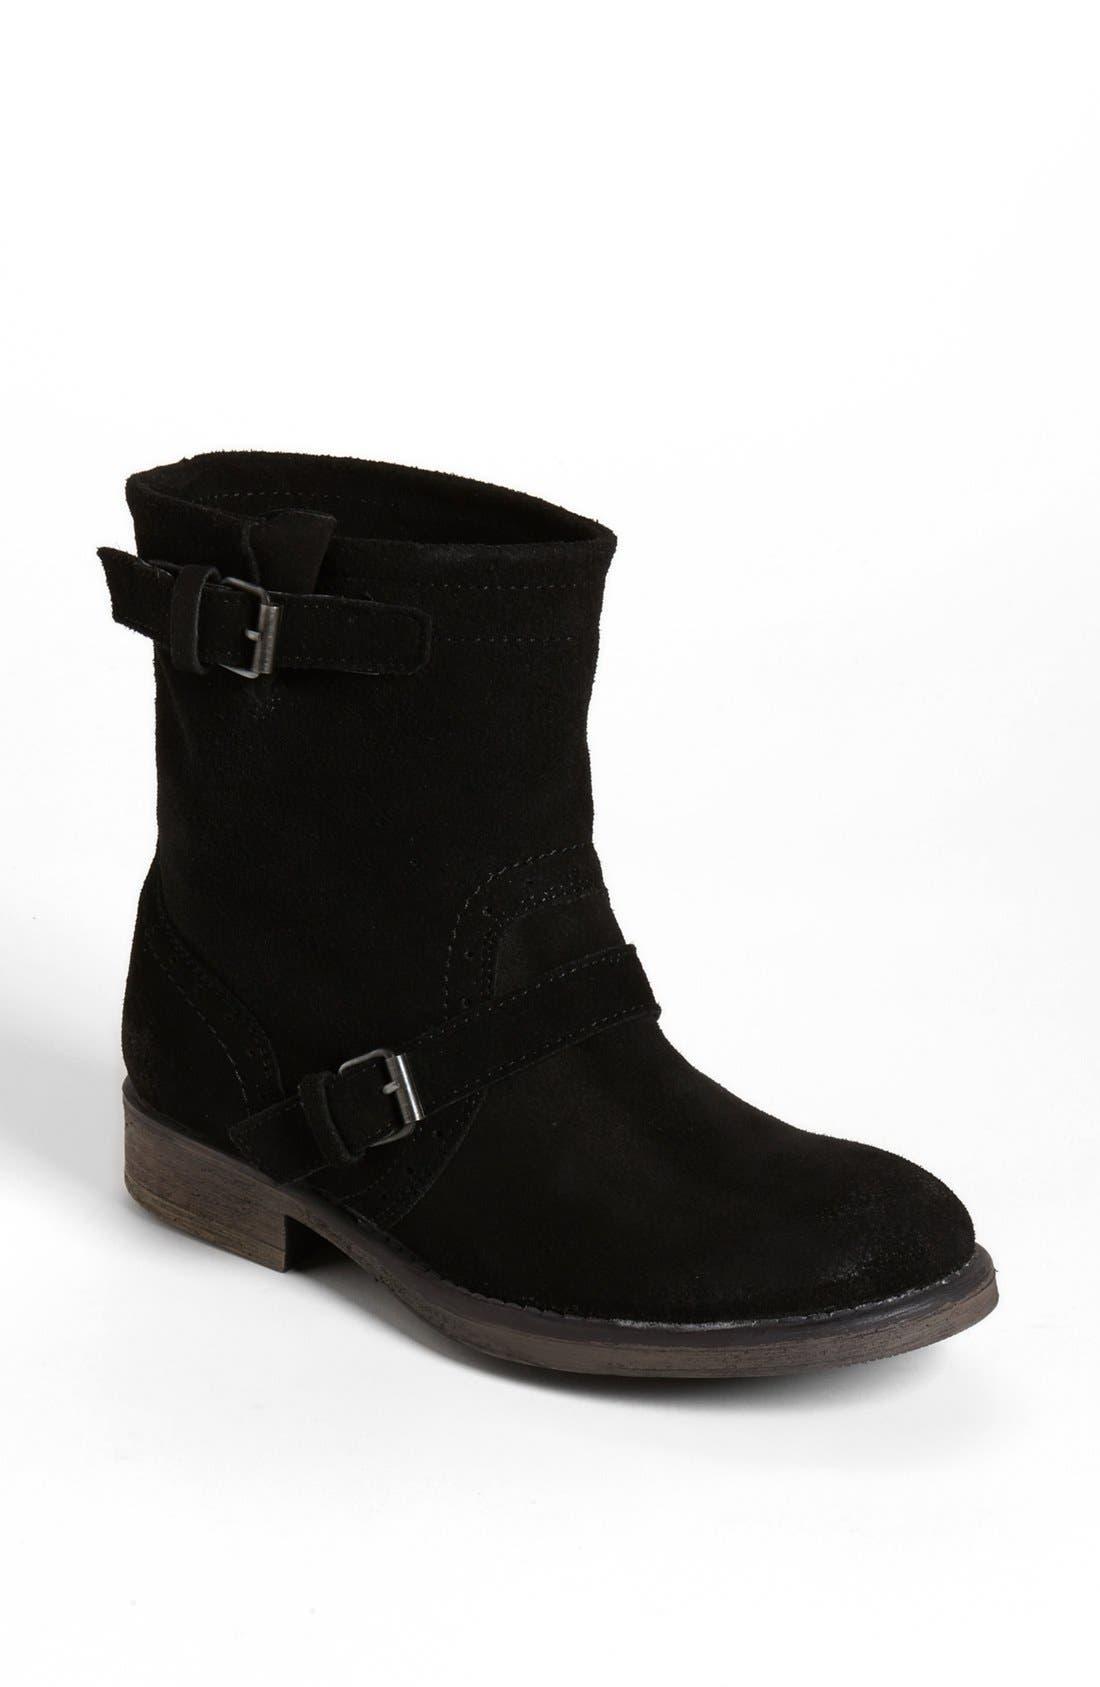 Alternate Image 1 Selected - ZiGi girl 'Chilly' Boot